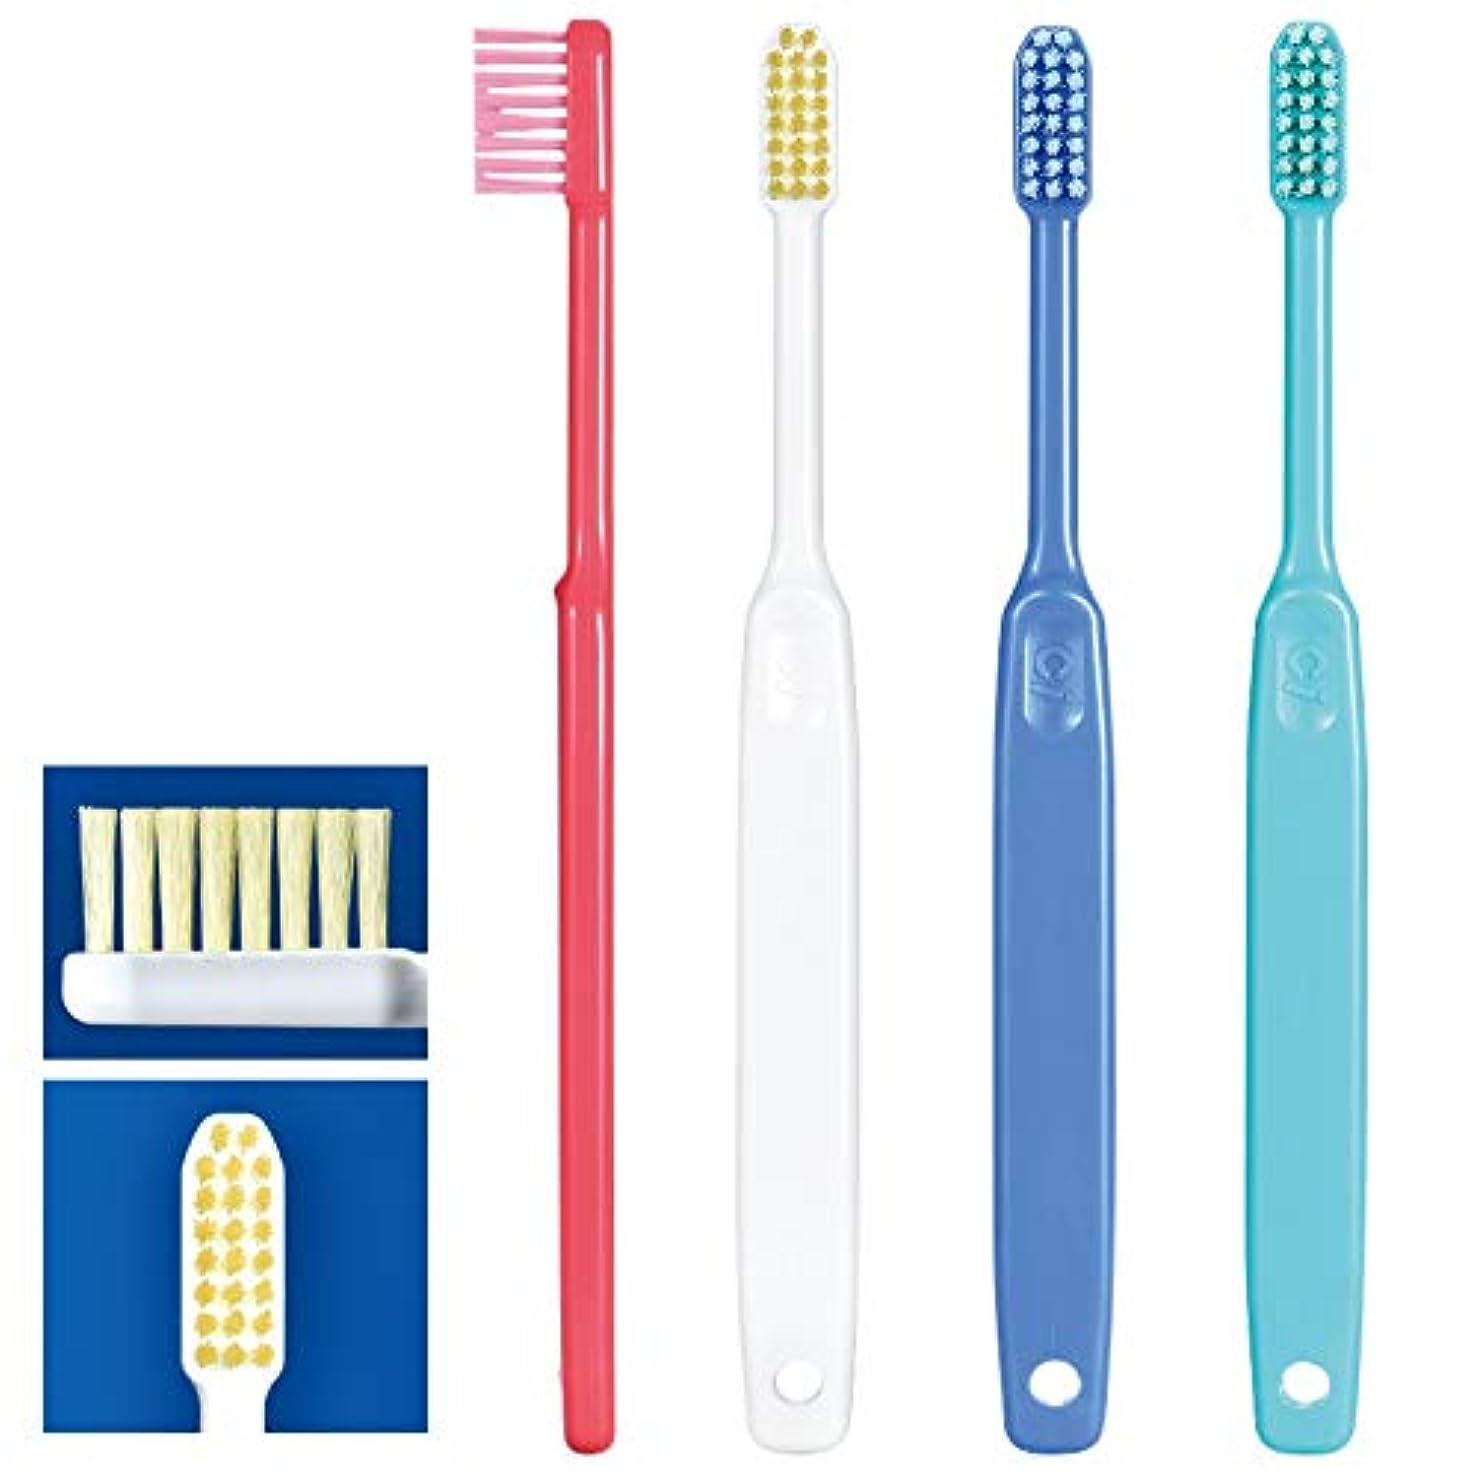 特派員潜むスクワイアCi20カラー歯ブラシ 20本 MS(やややわらかめ) 日本製 カラー毛 高密度植毛 歯科専売品